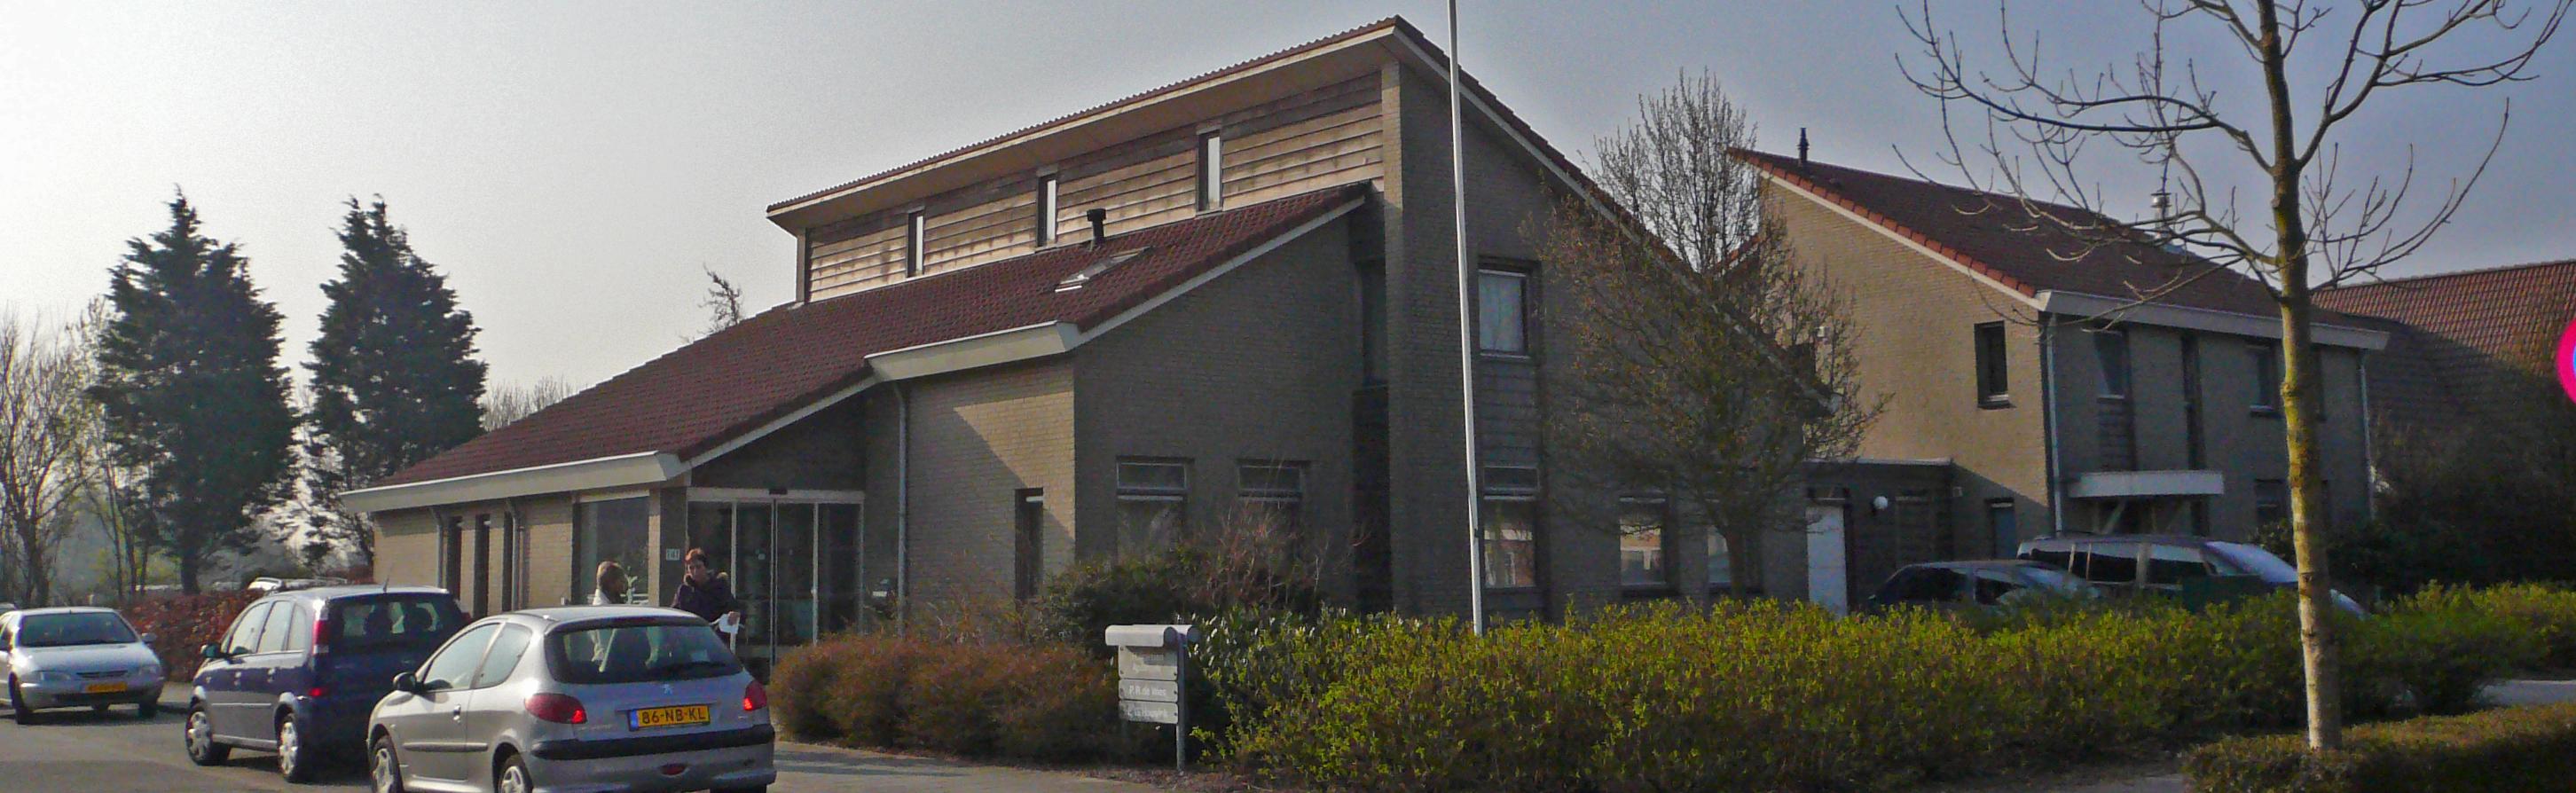 Apotheekhoudende Huisartsenpraktijk Stellendam